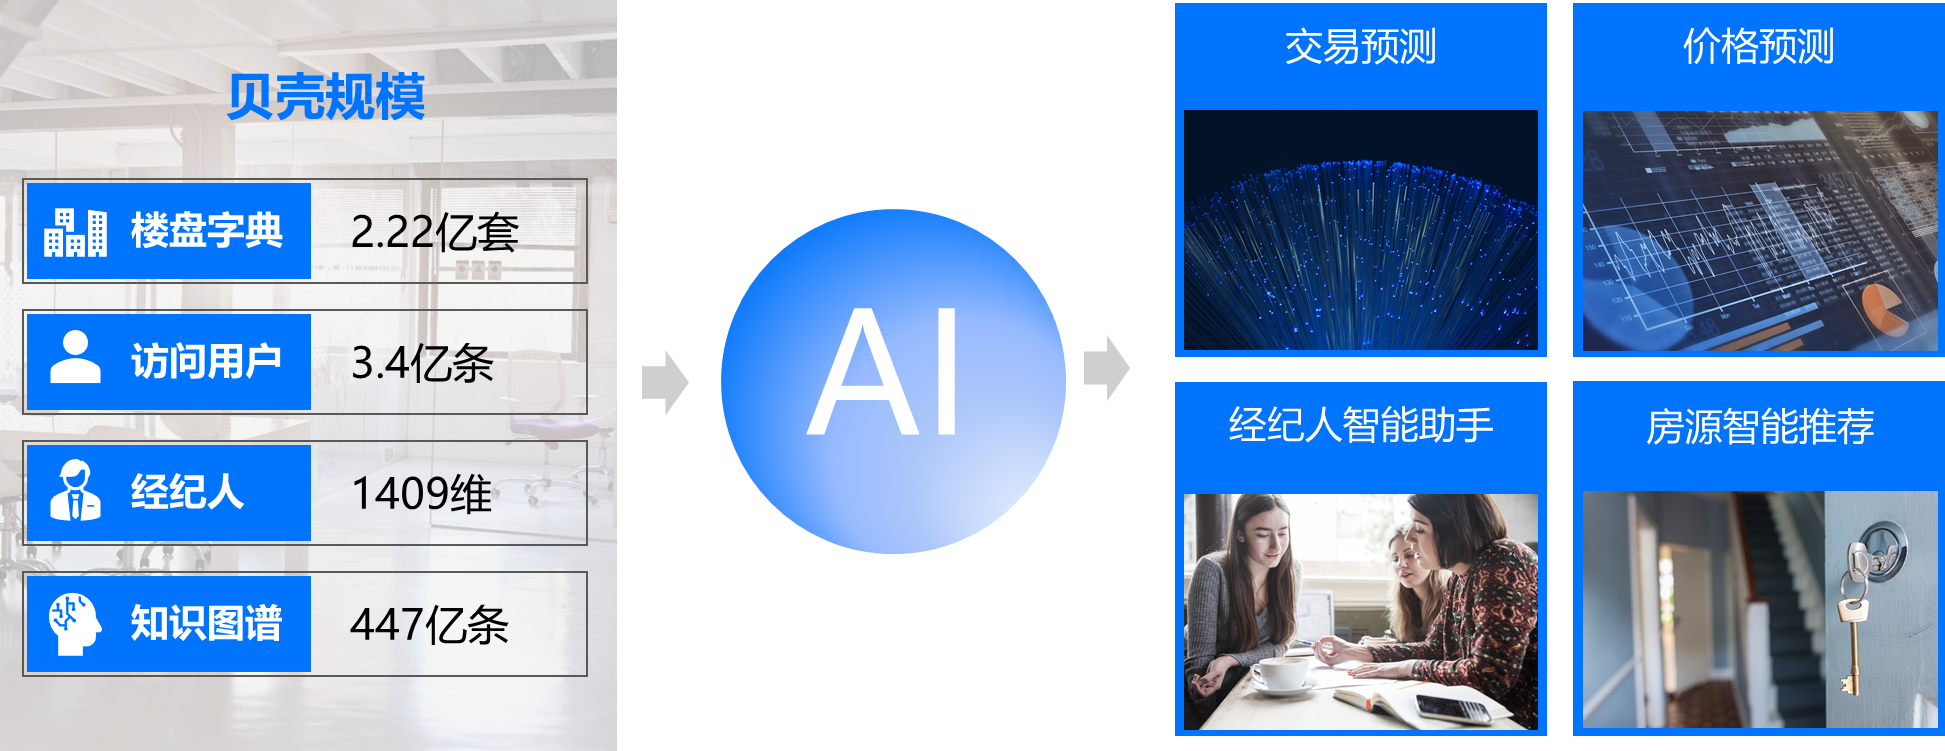 贝壳研究院与波士顿咨询联合发布2021居住地产数字化白皮书-中国网地产